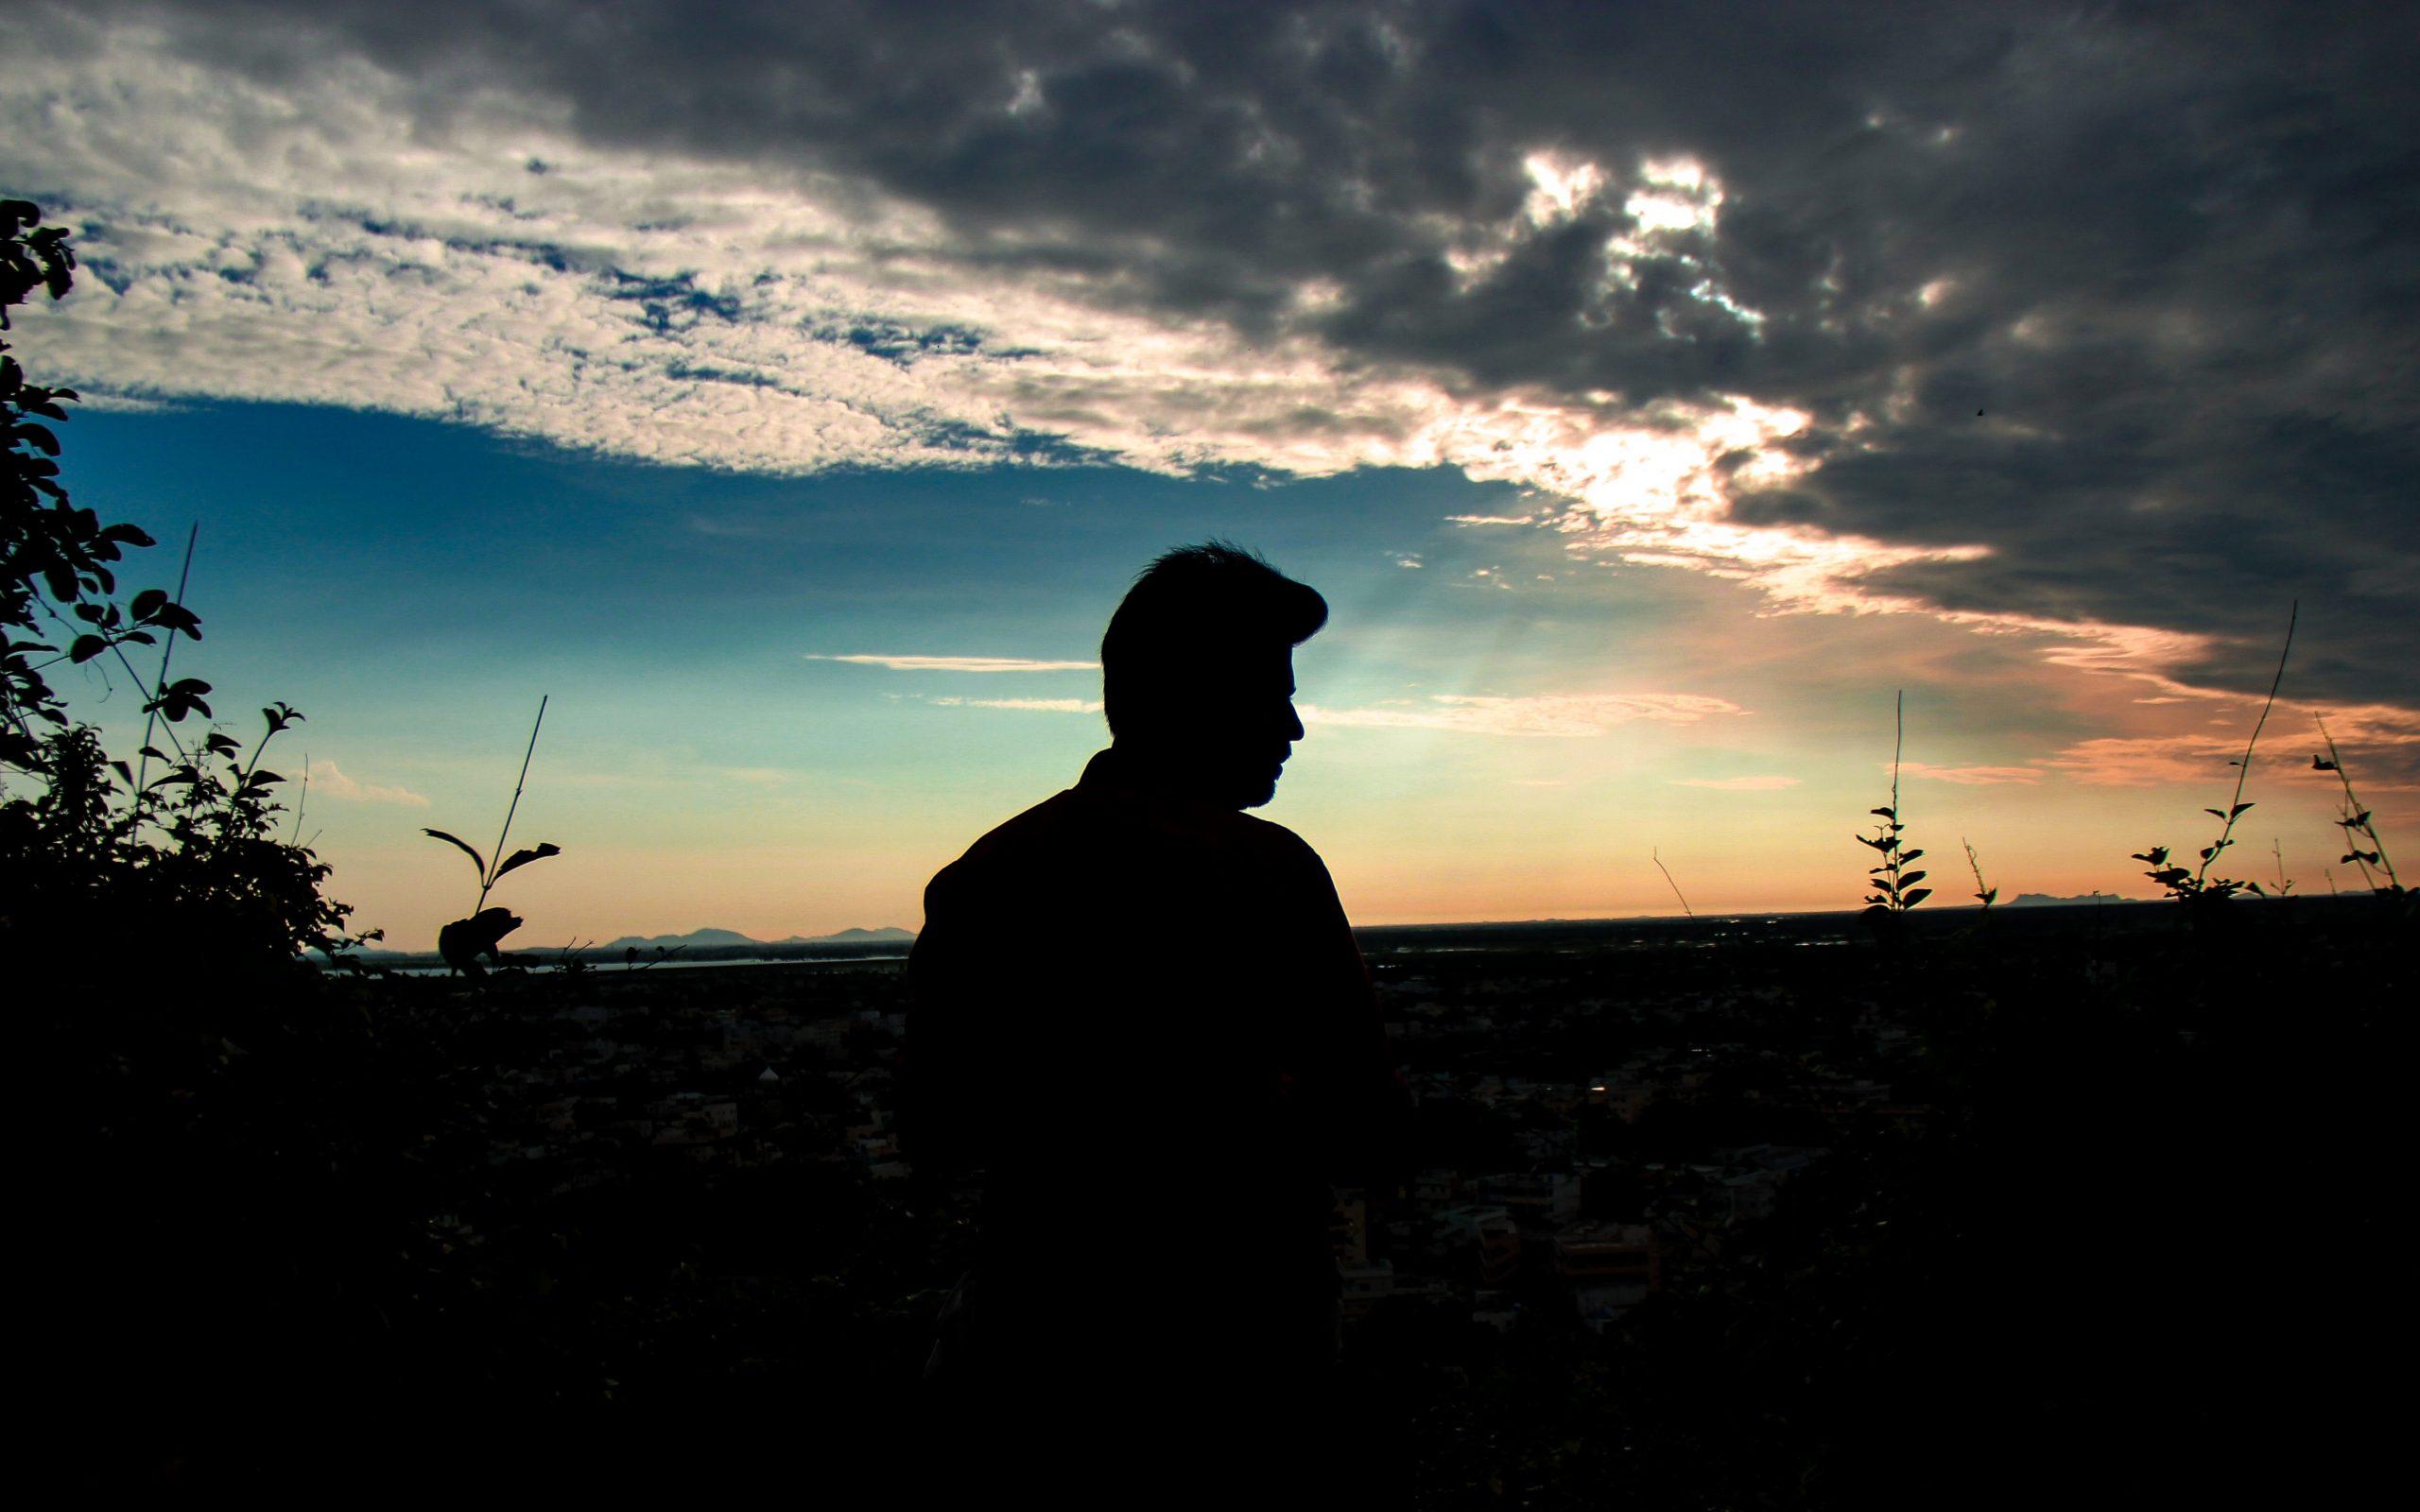 A boy during evening